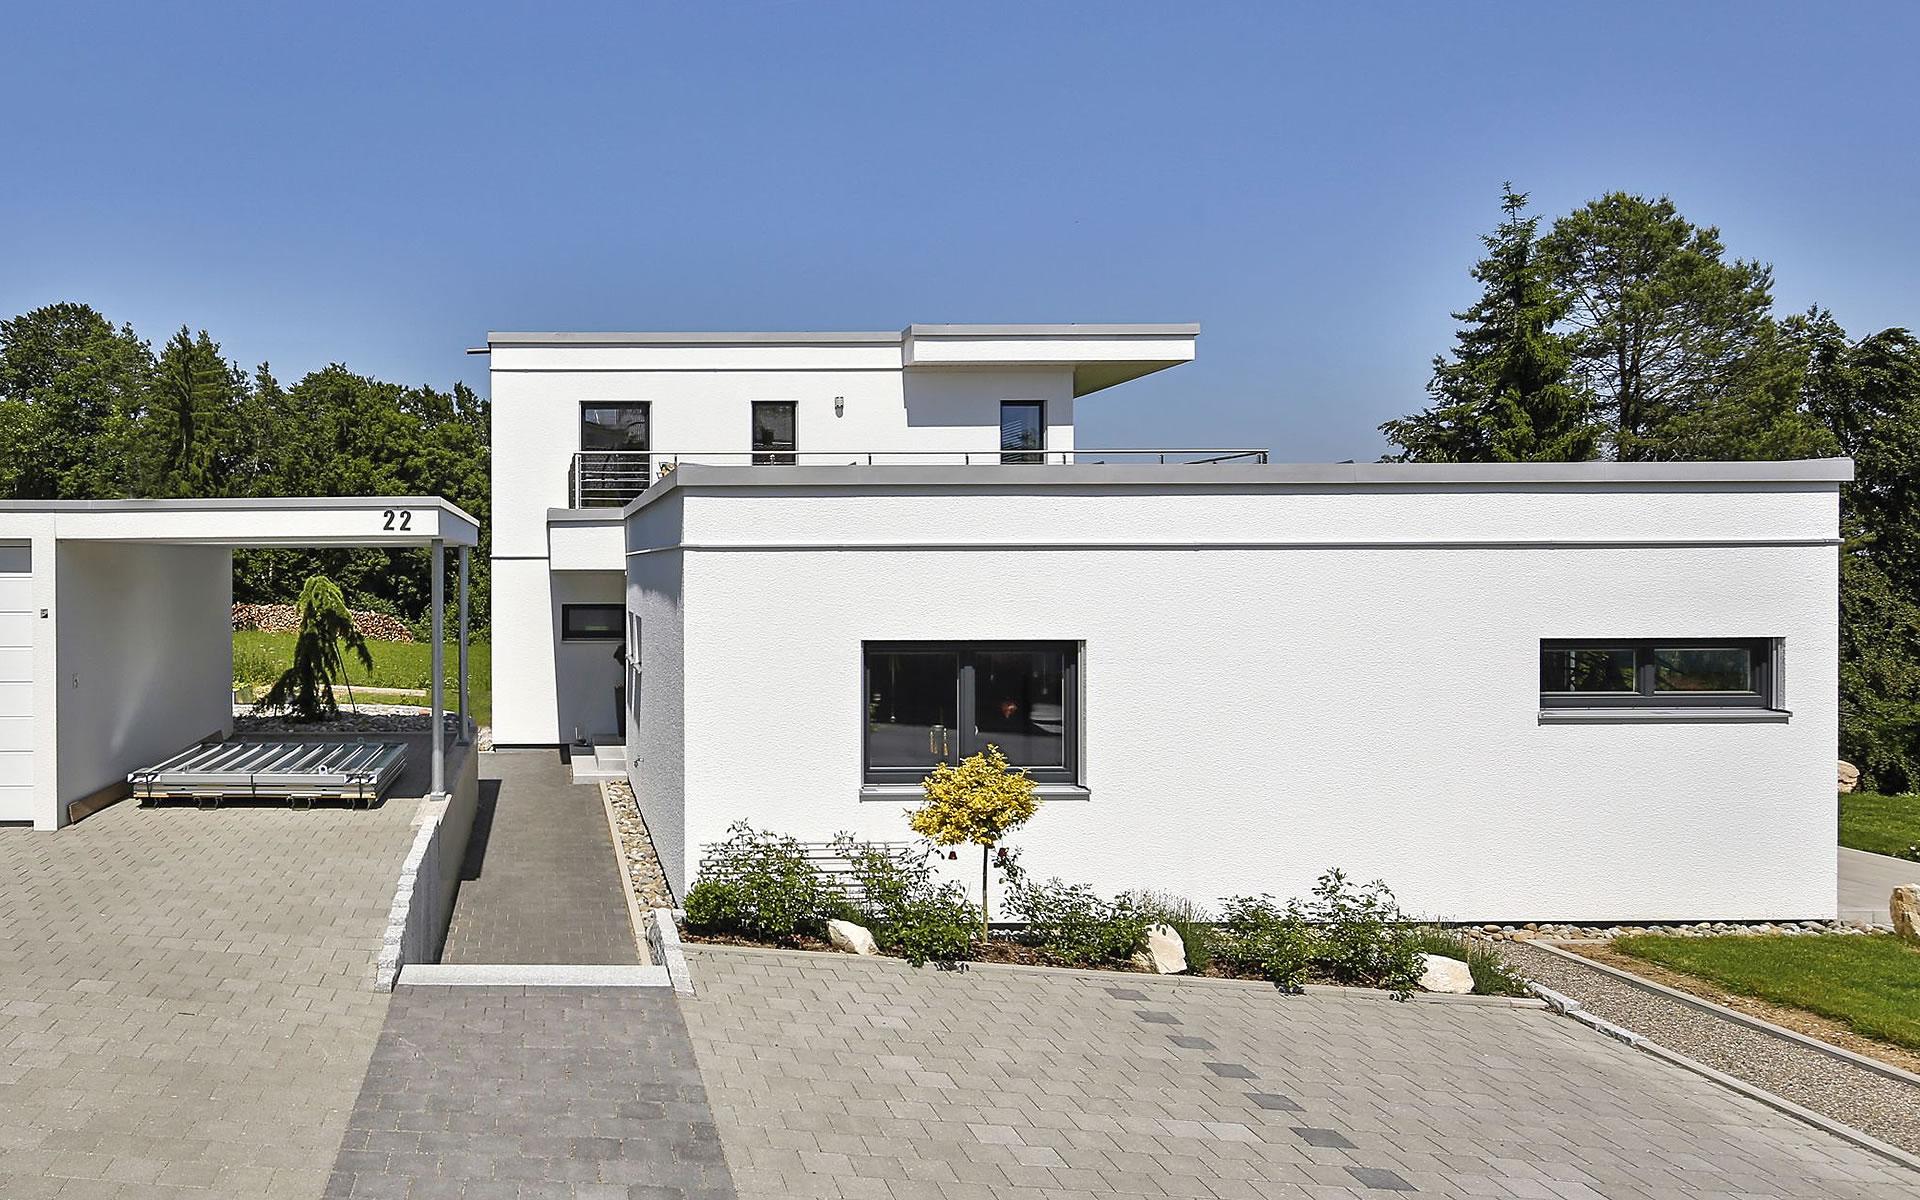 Sigmaringen von Regnauer Hausbau GmbH & Co. KG